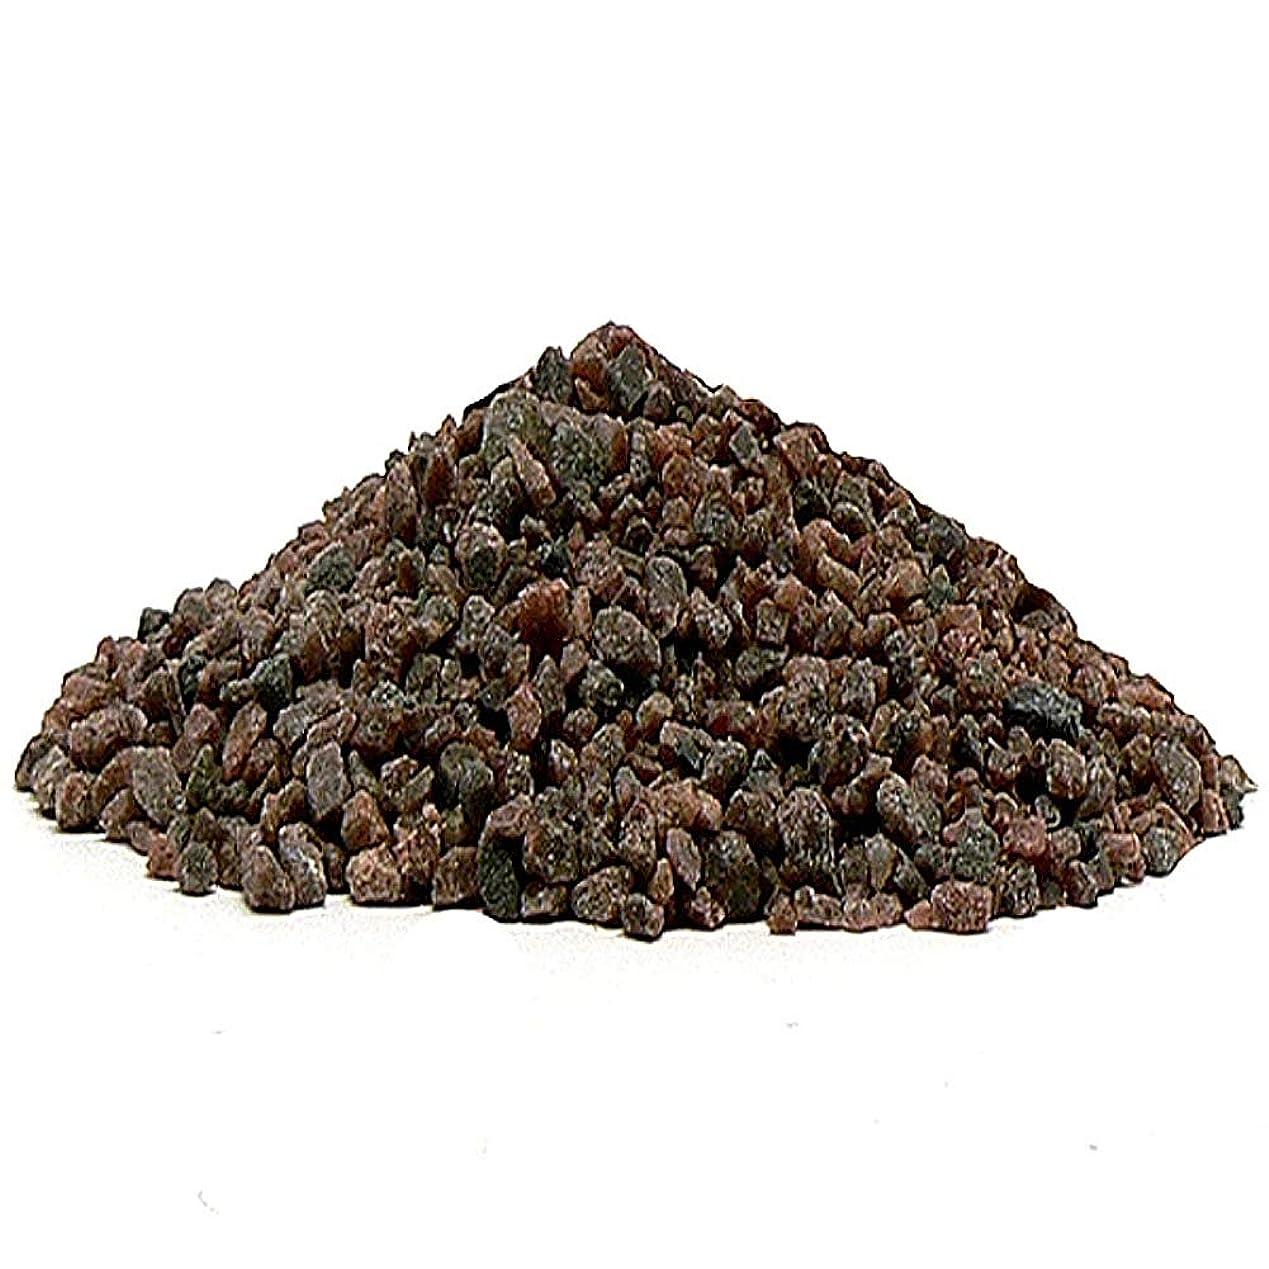 苗期待して貢献増量中! ヒマラヤ岩塩 ブラックソルト 入浴用 バスソルト(小粒) 黒岩塩 (2kg+300g増量)